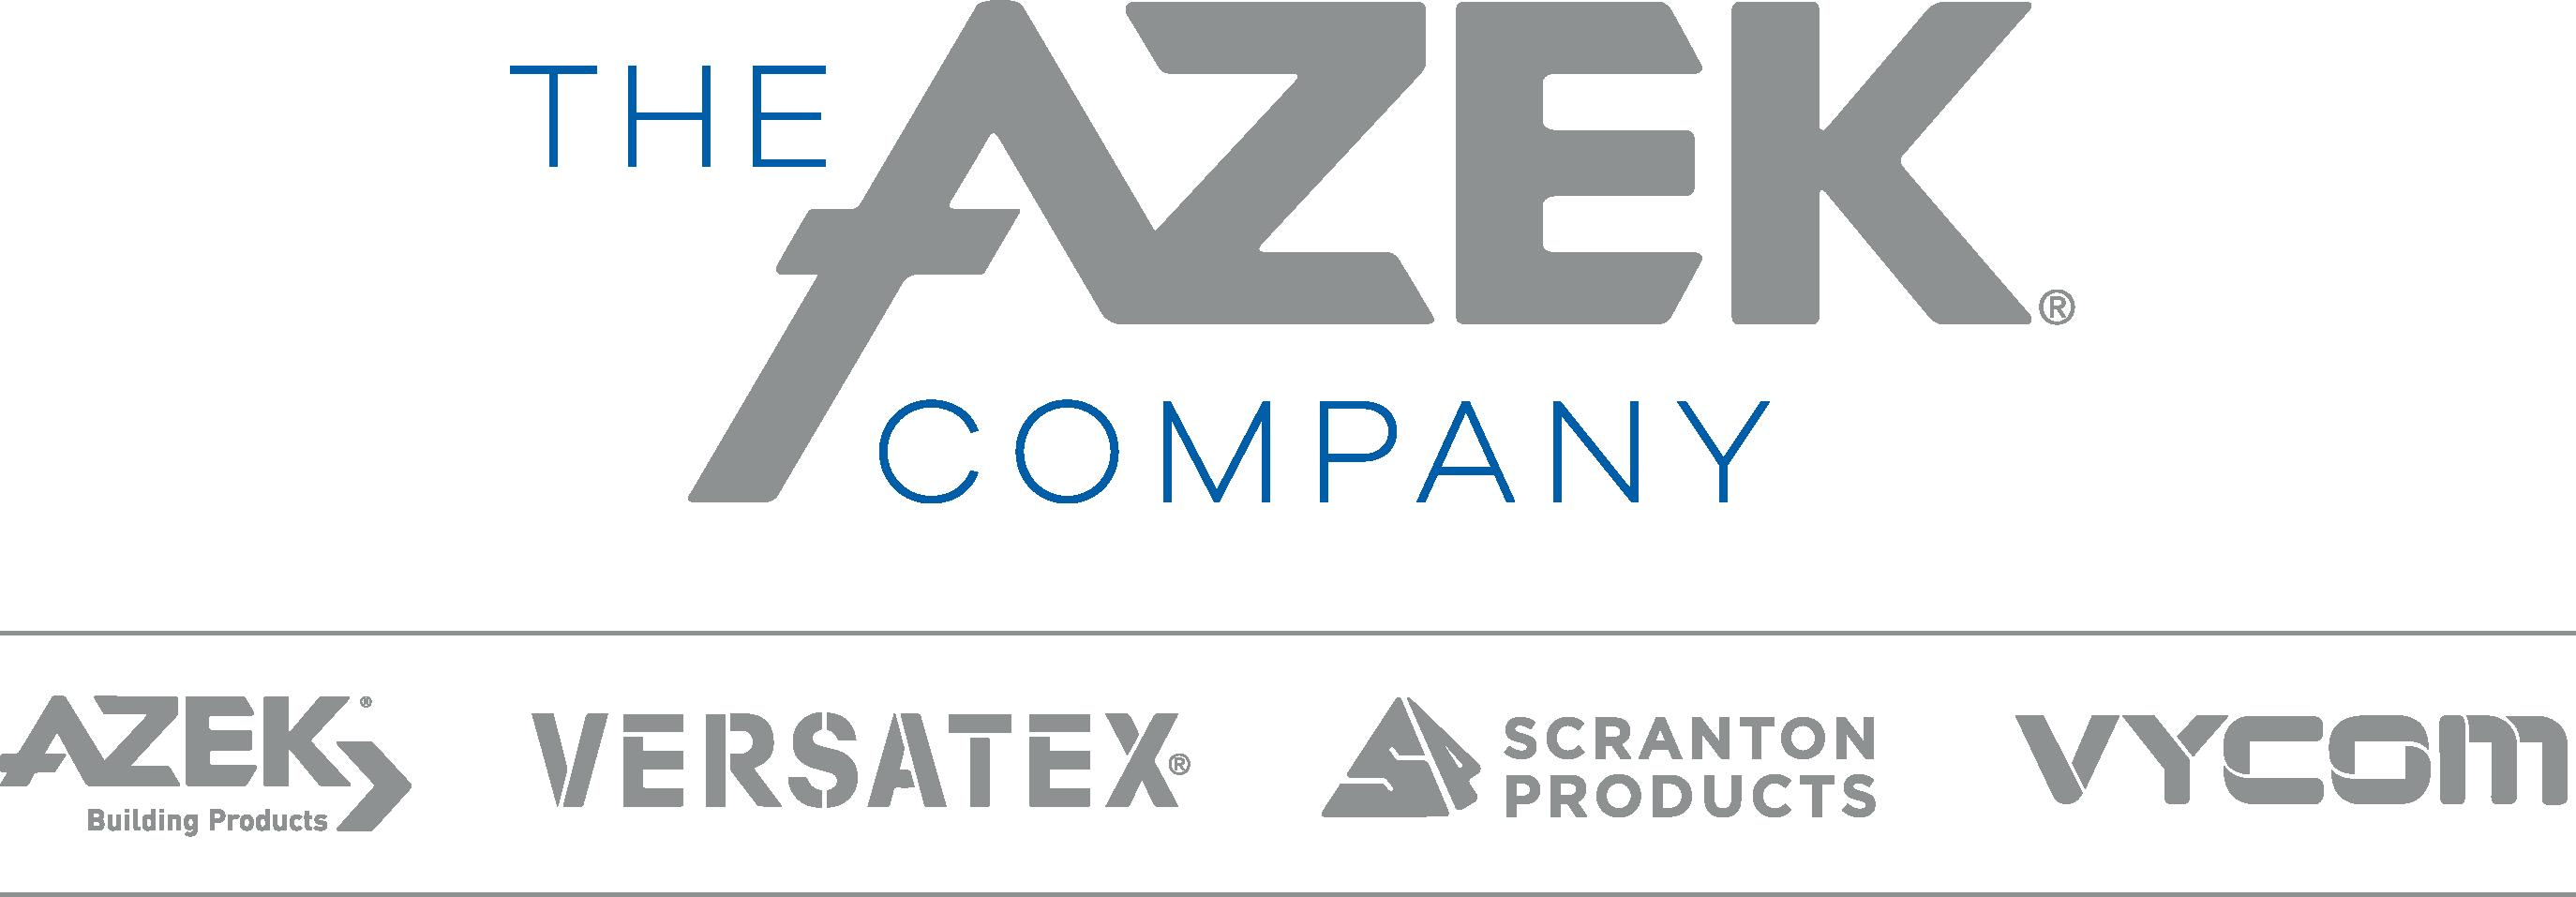 The AZEK Story | The AZEK Company